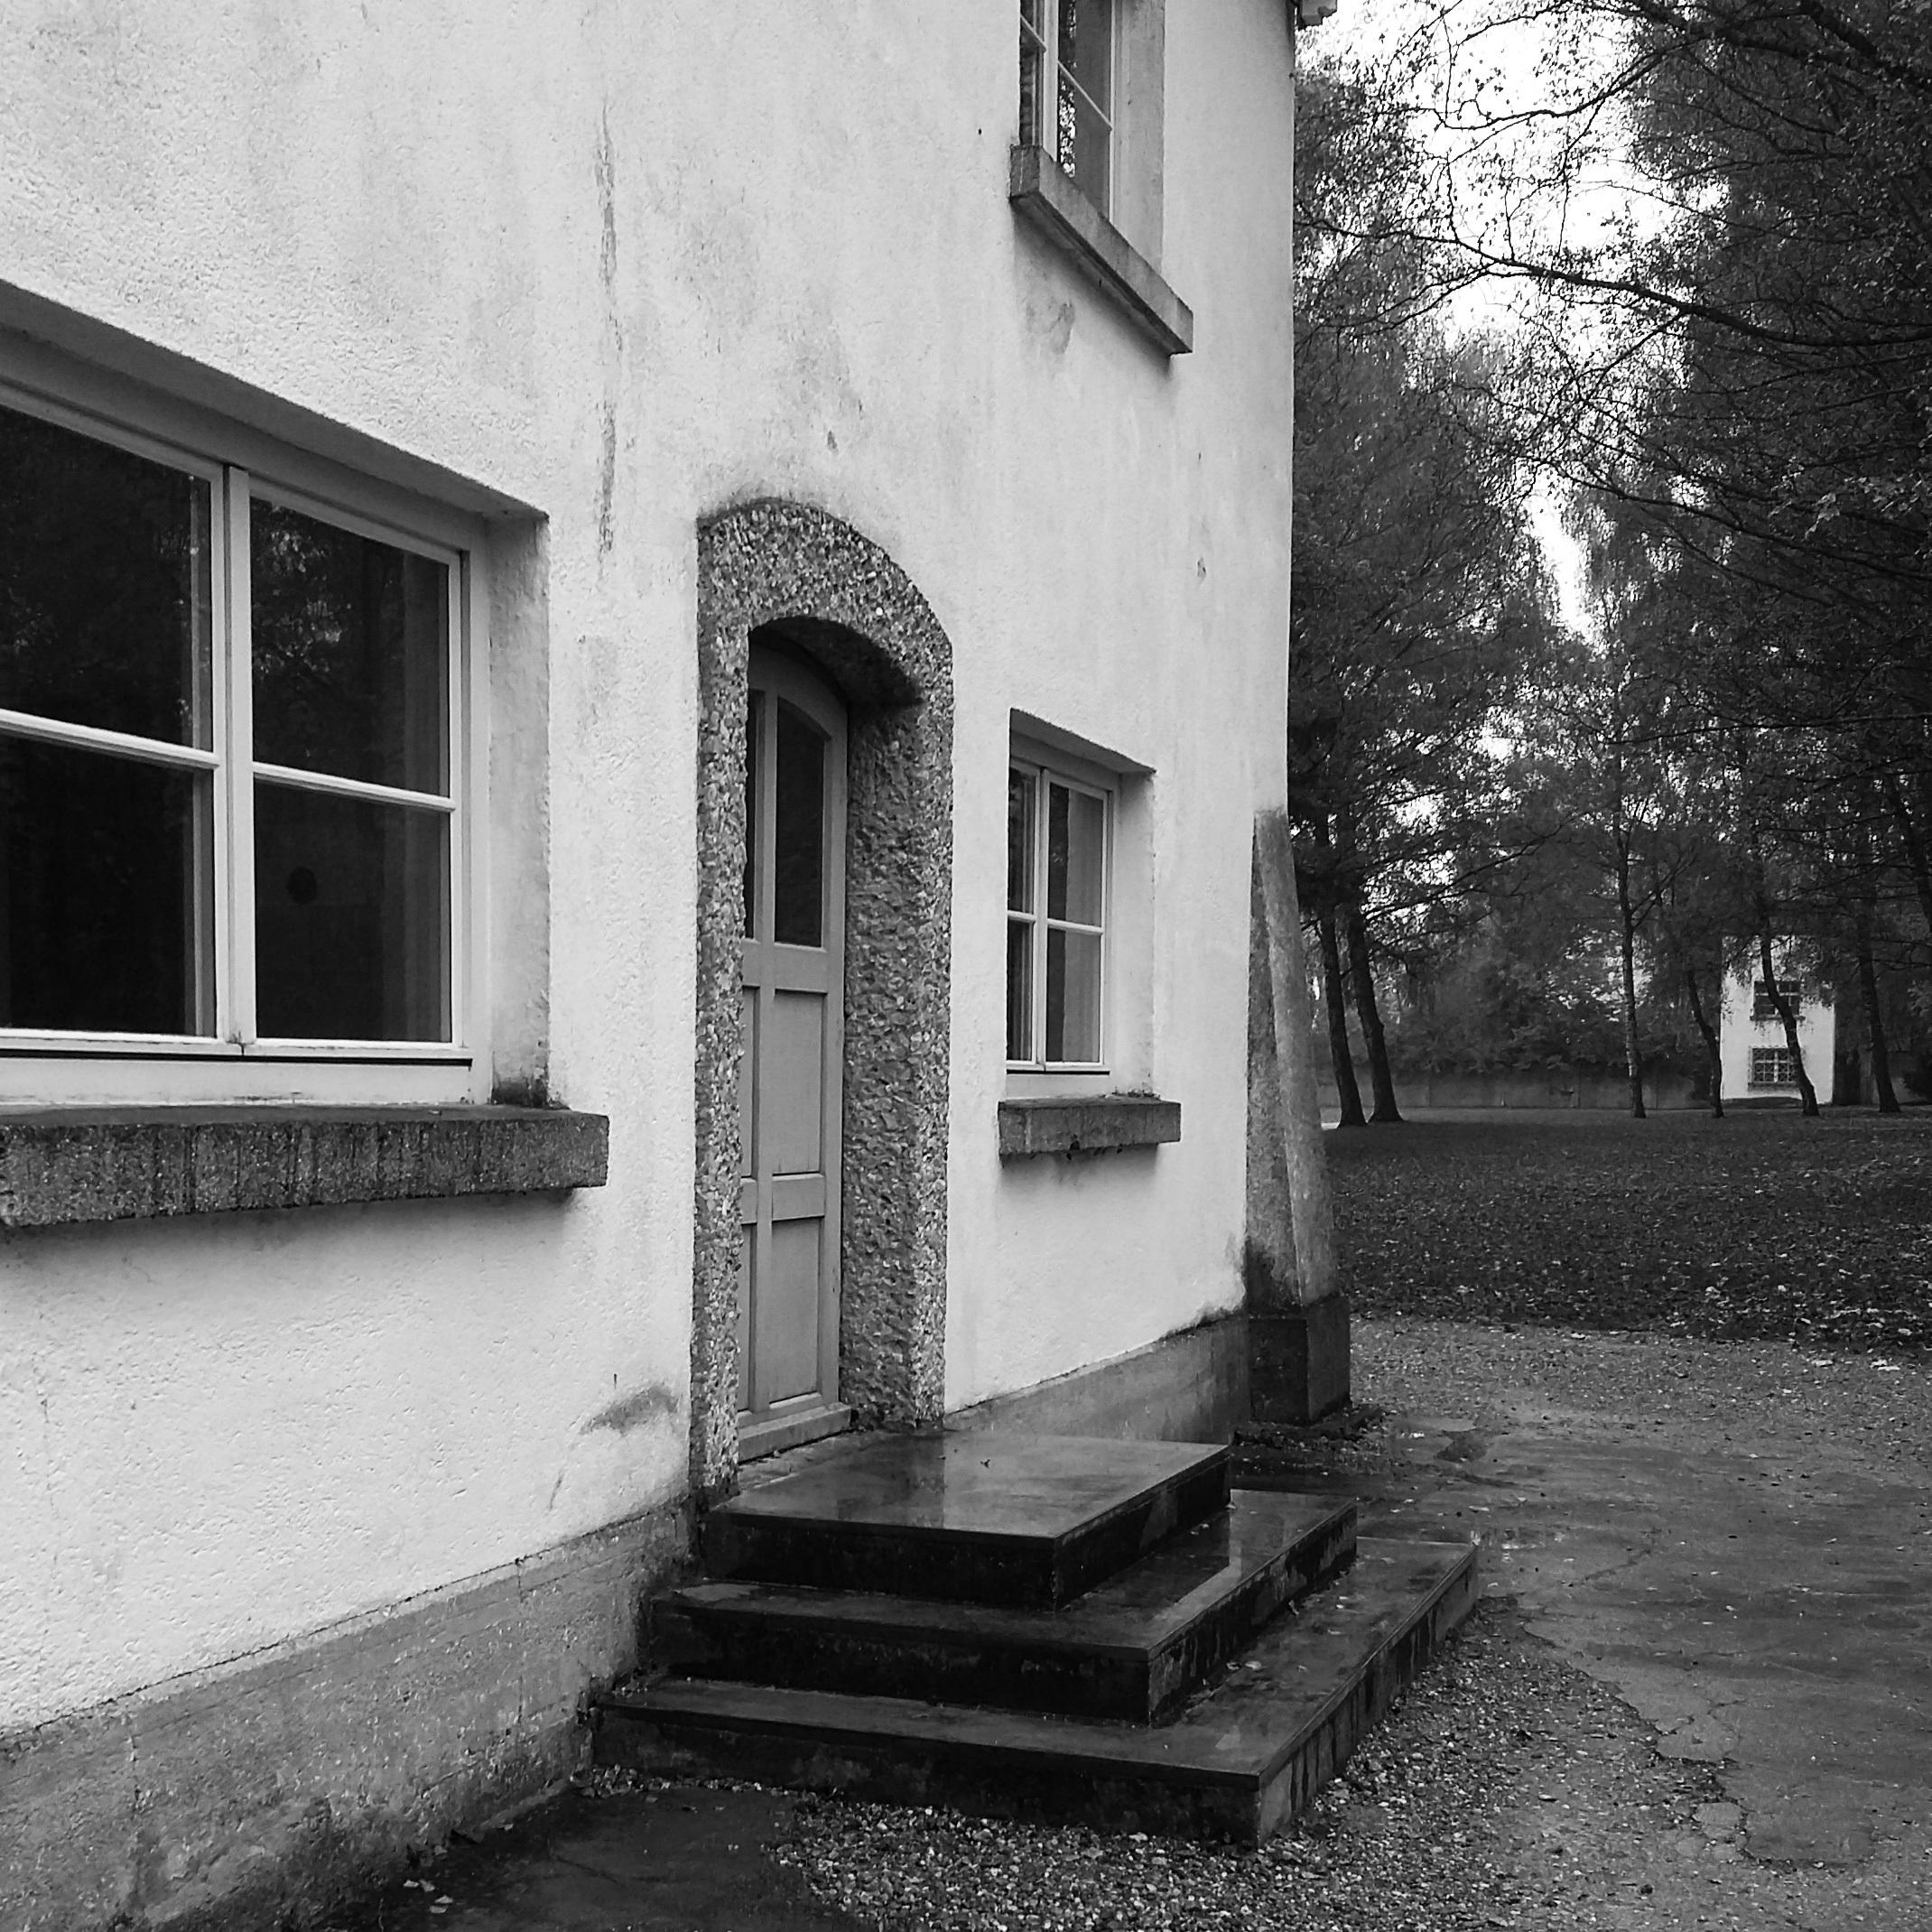 Entrée Noir Et Blanc images gratuites : noir et blanc, route, rue, la